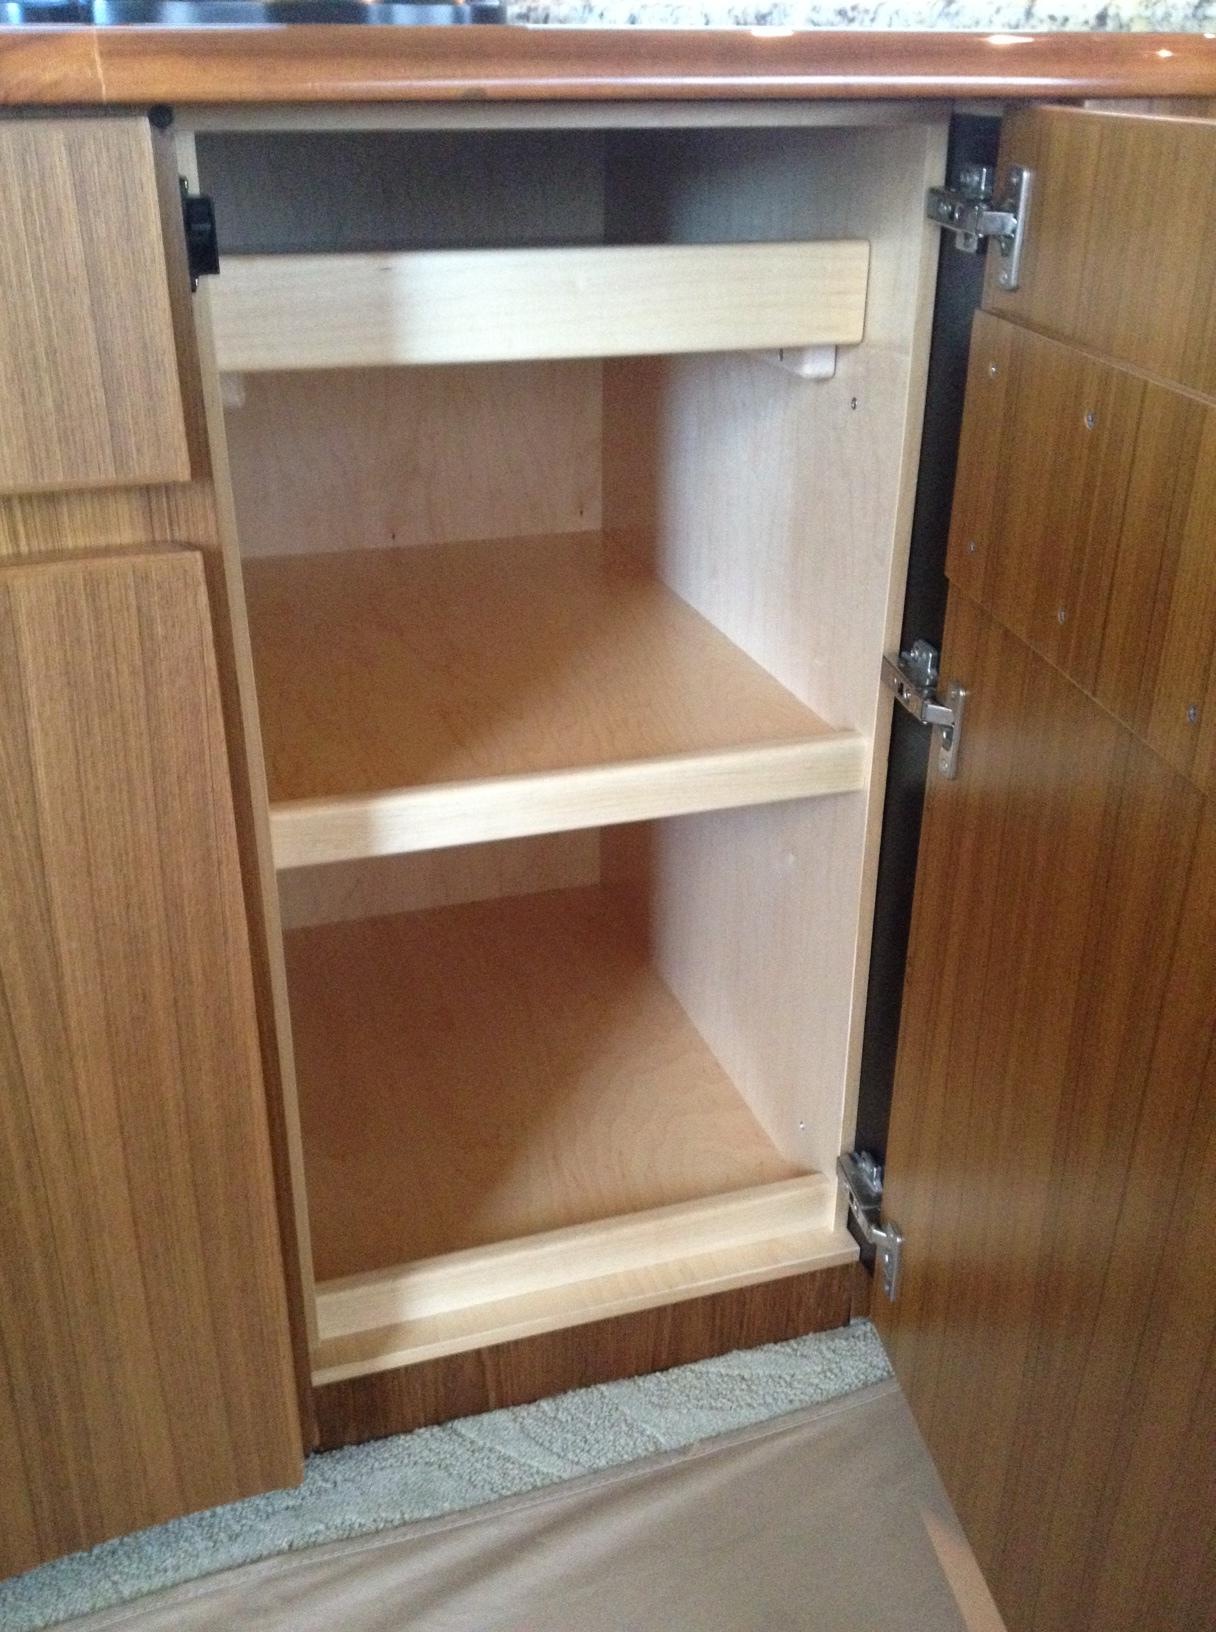 Salon ice maker cabinet conversion